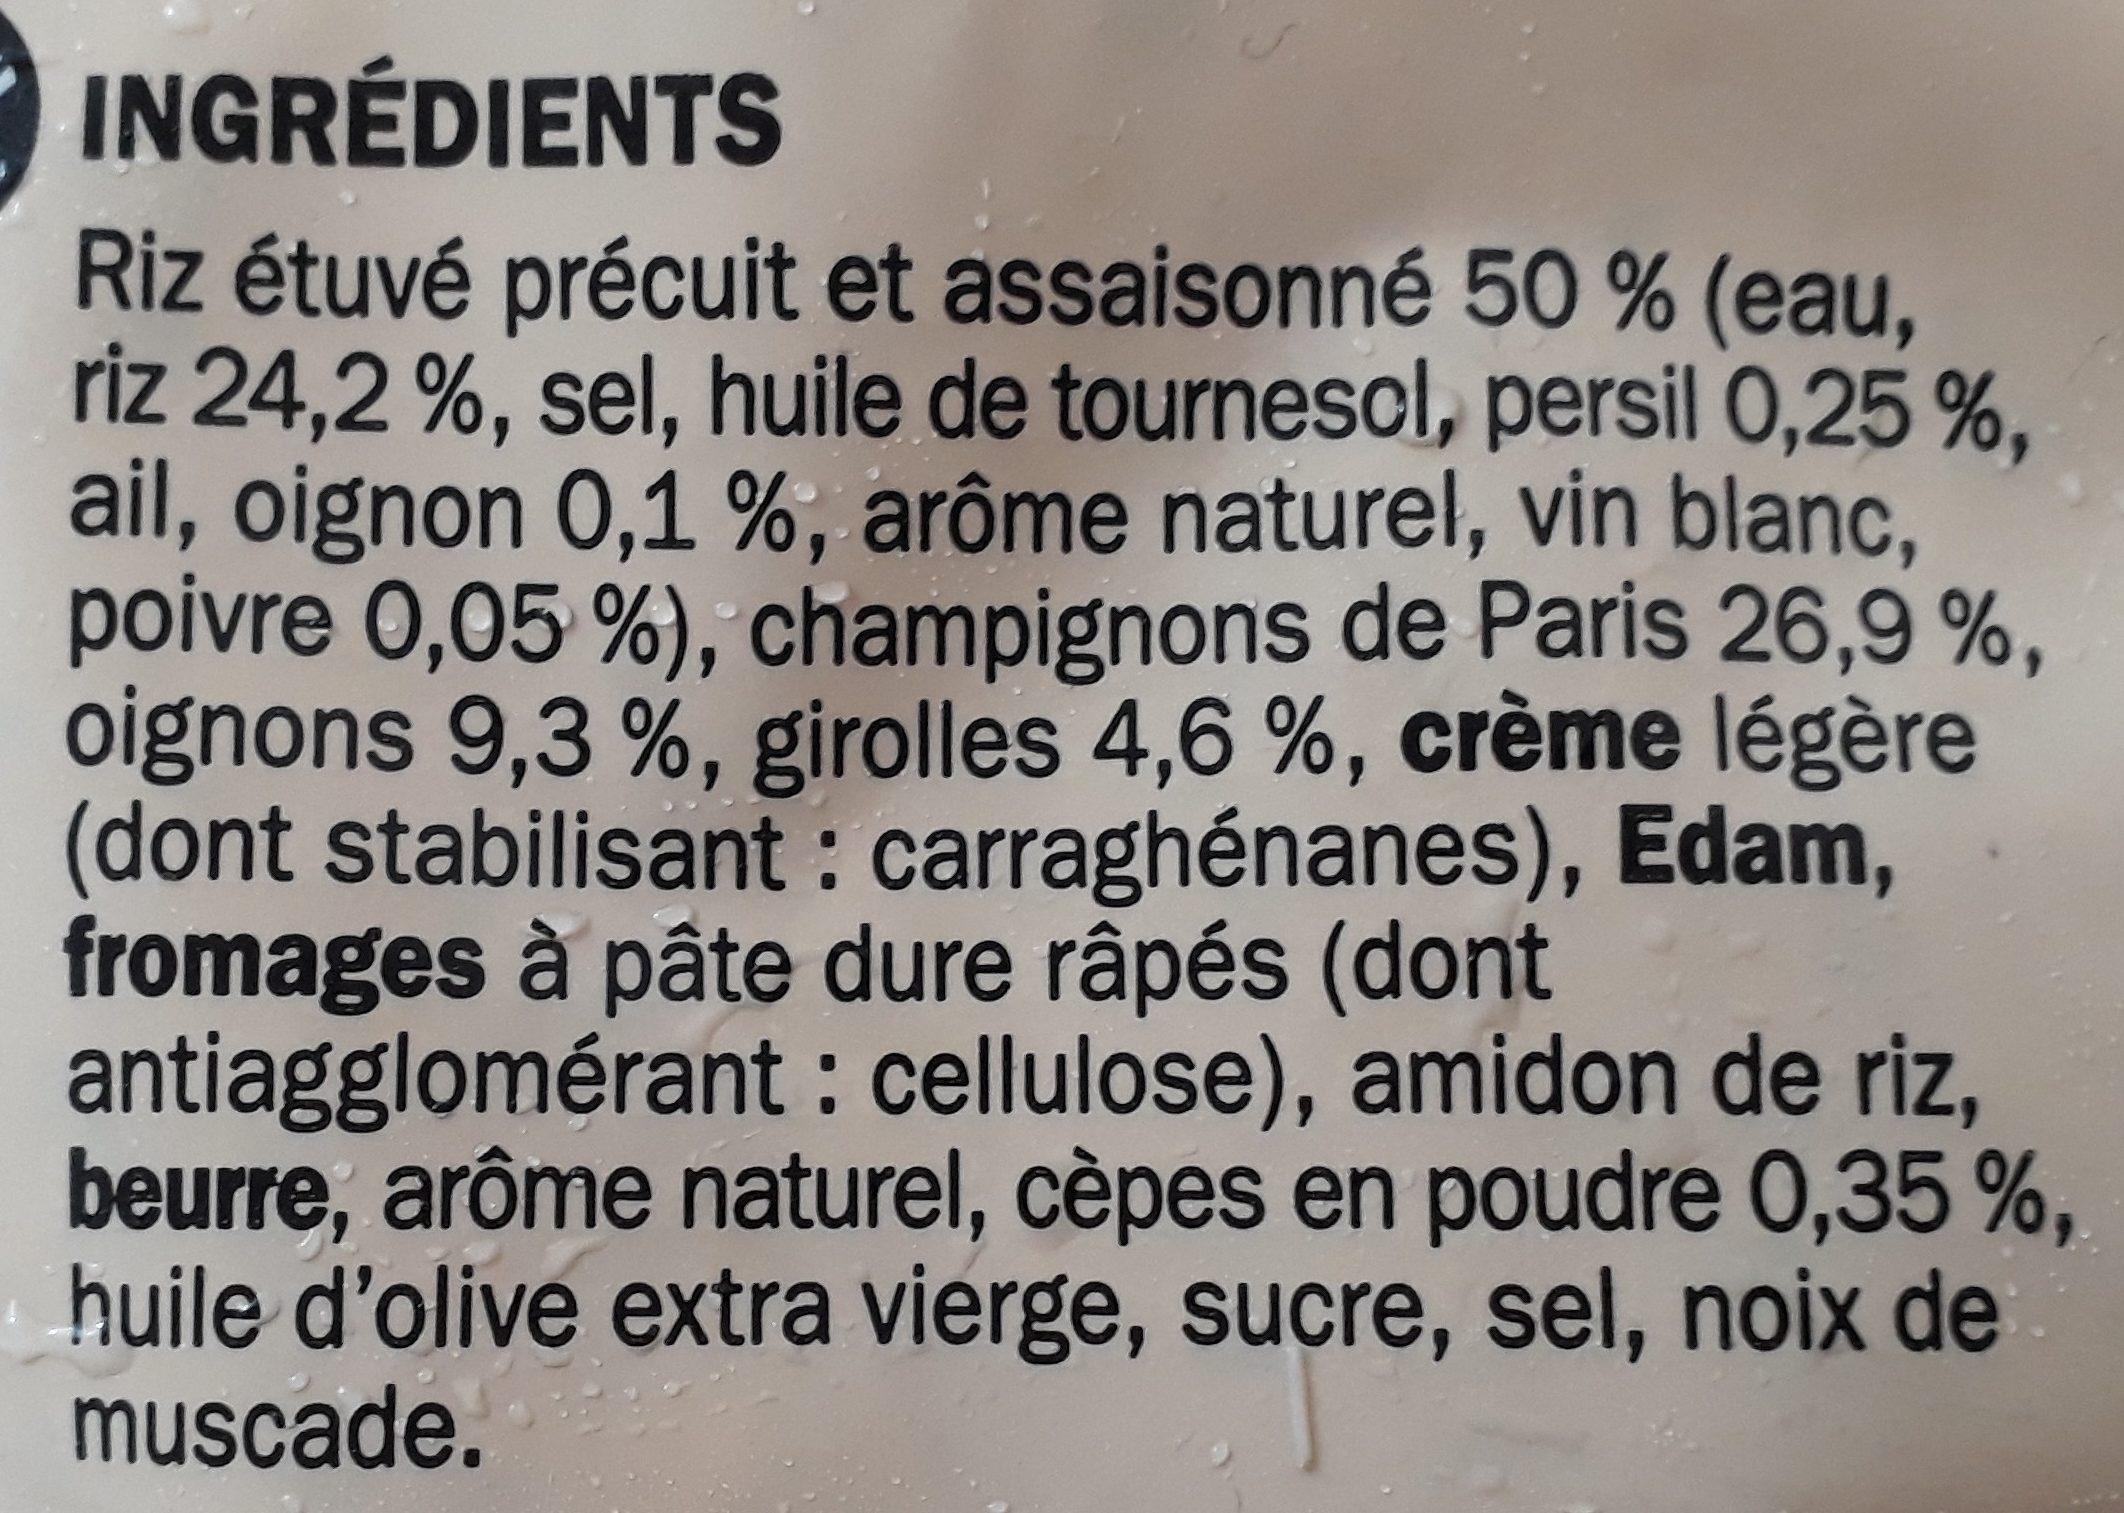 Risotto aux champignons portionnable surgelé - Ingrédients